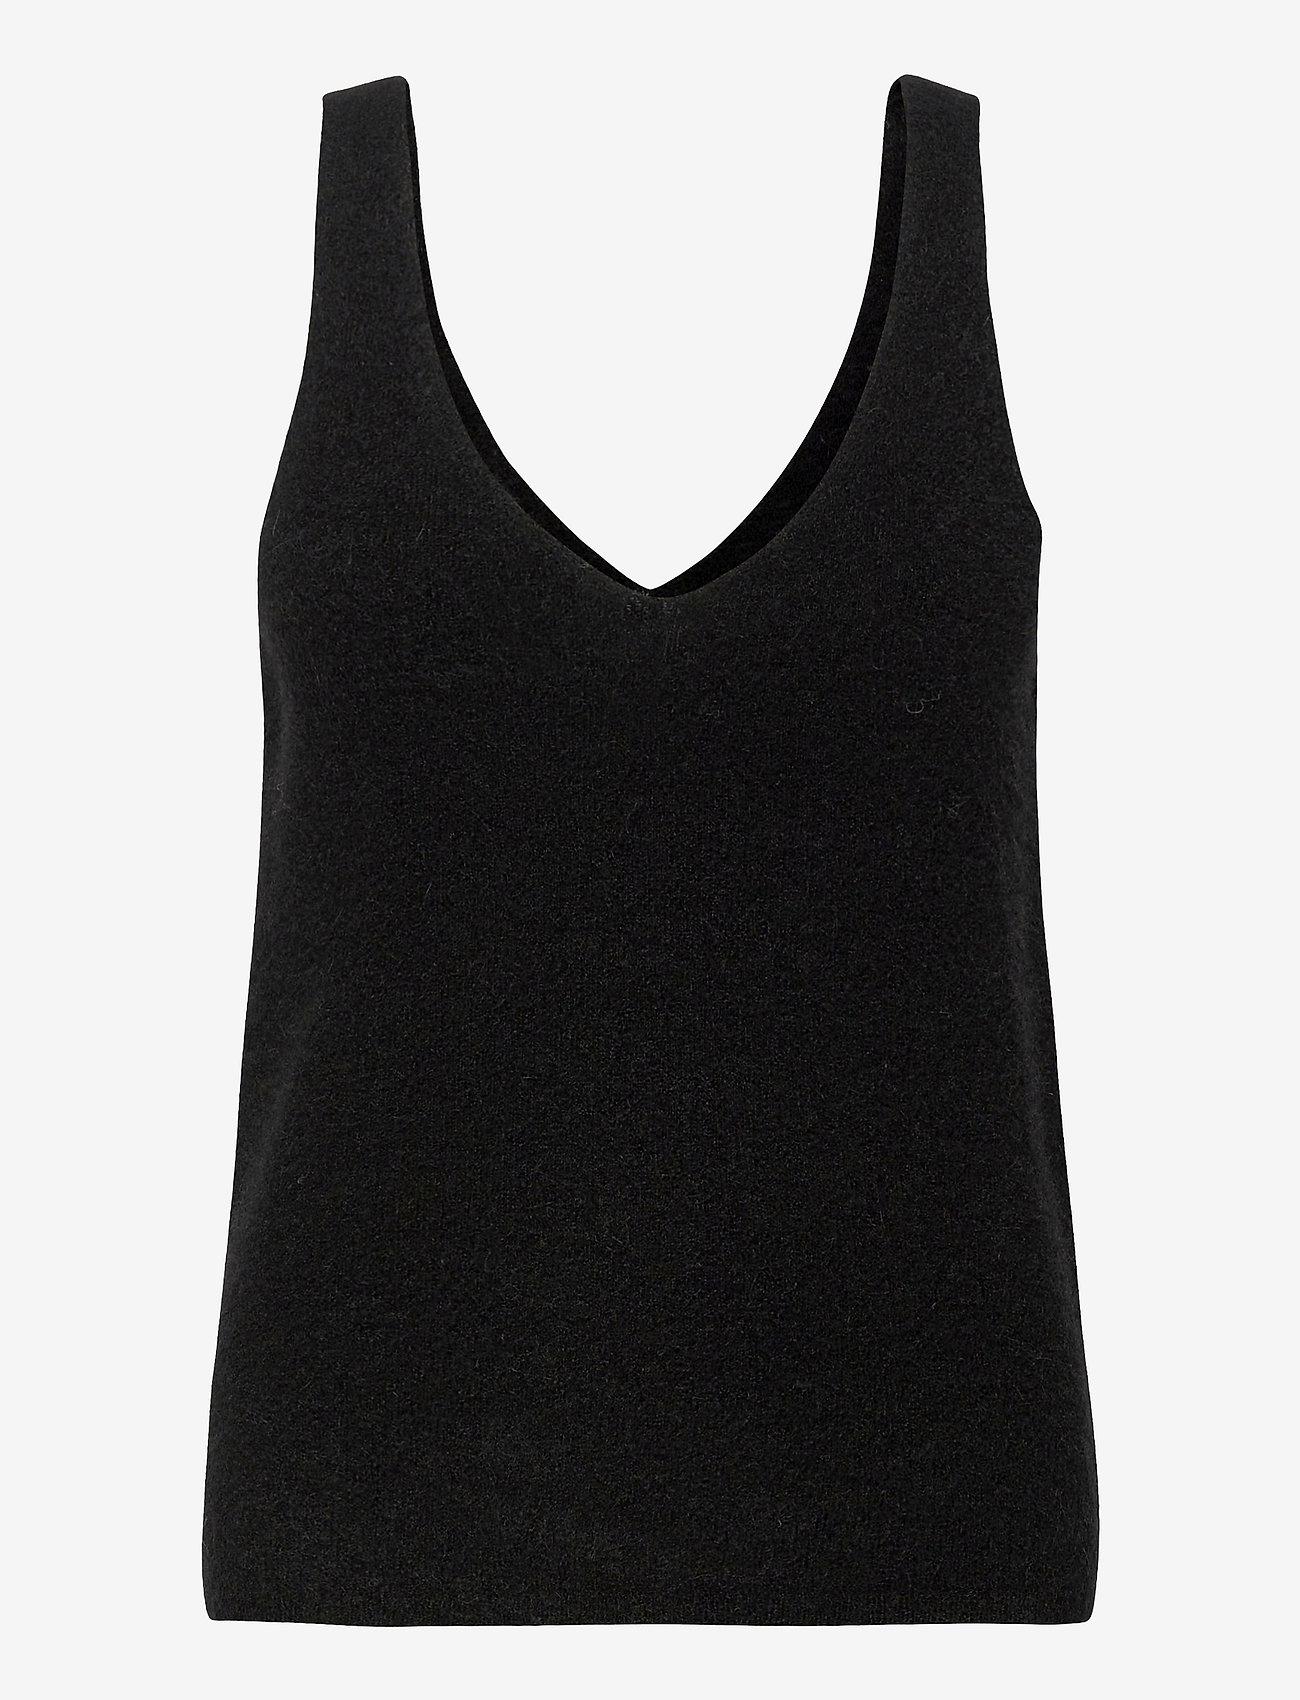 Stylein - ETOILE TOP - gebreide t-shirts - black - 0